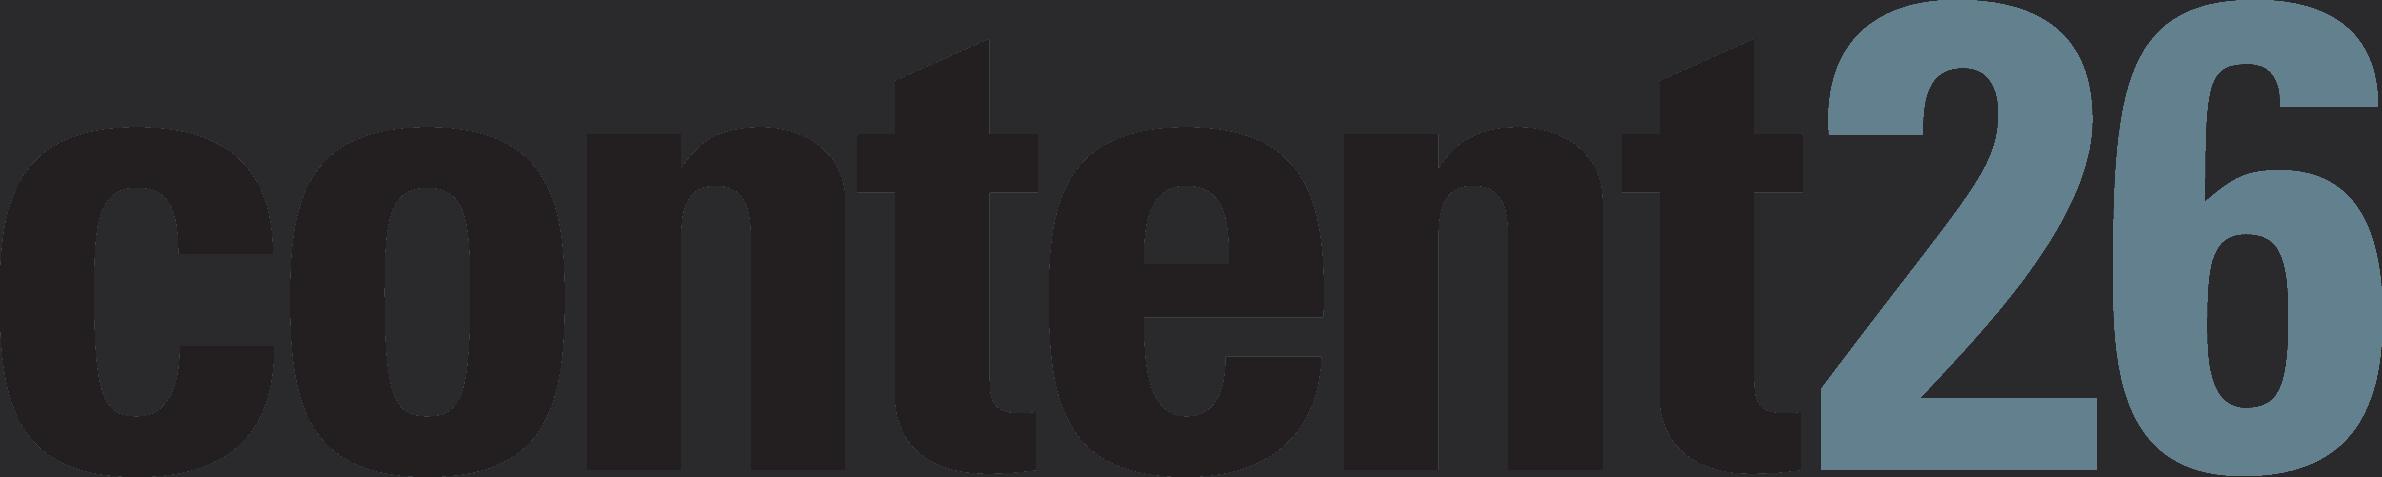 content26-Logo_Color_2382x477 - Trinity Hartman